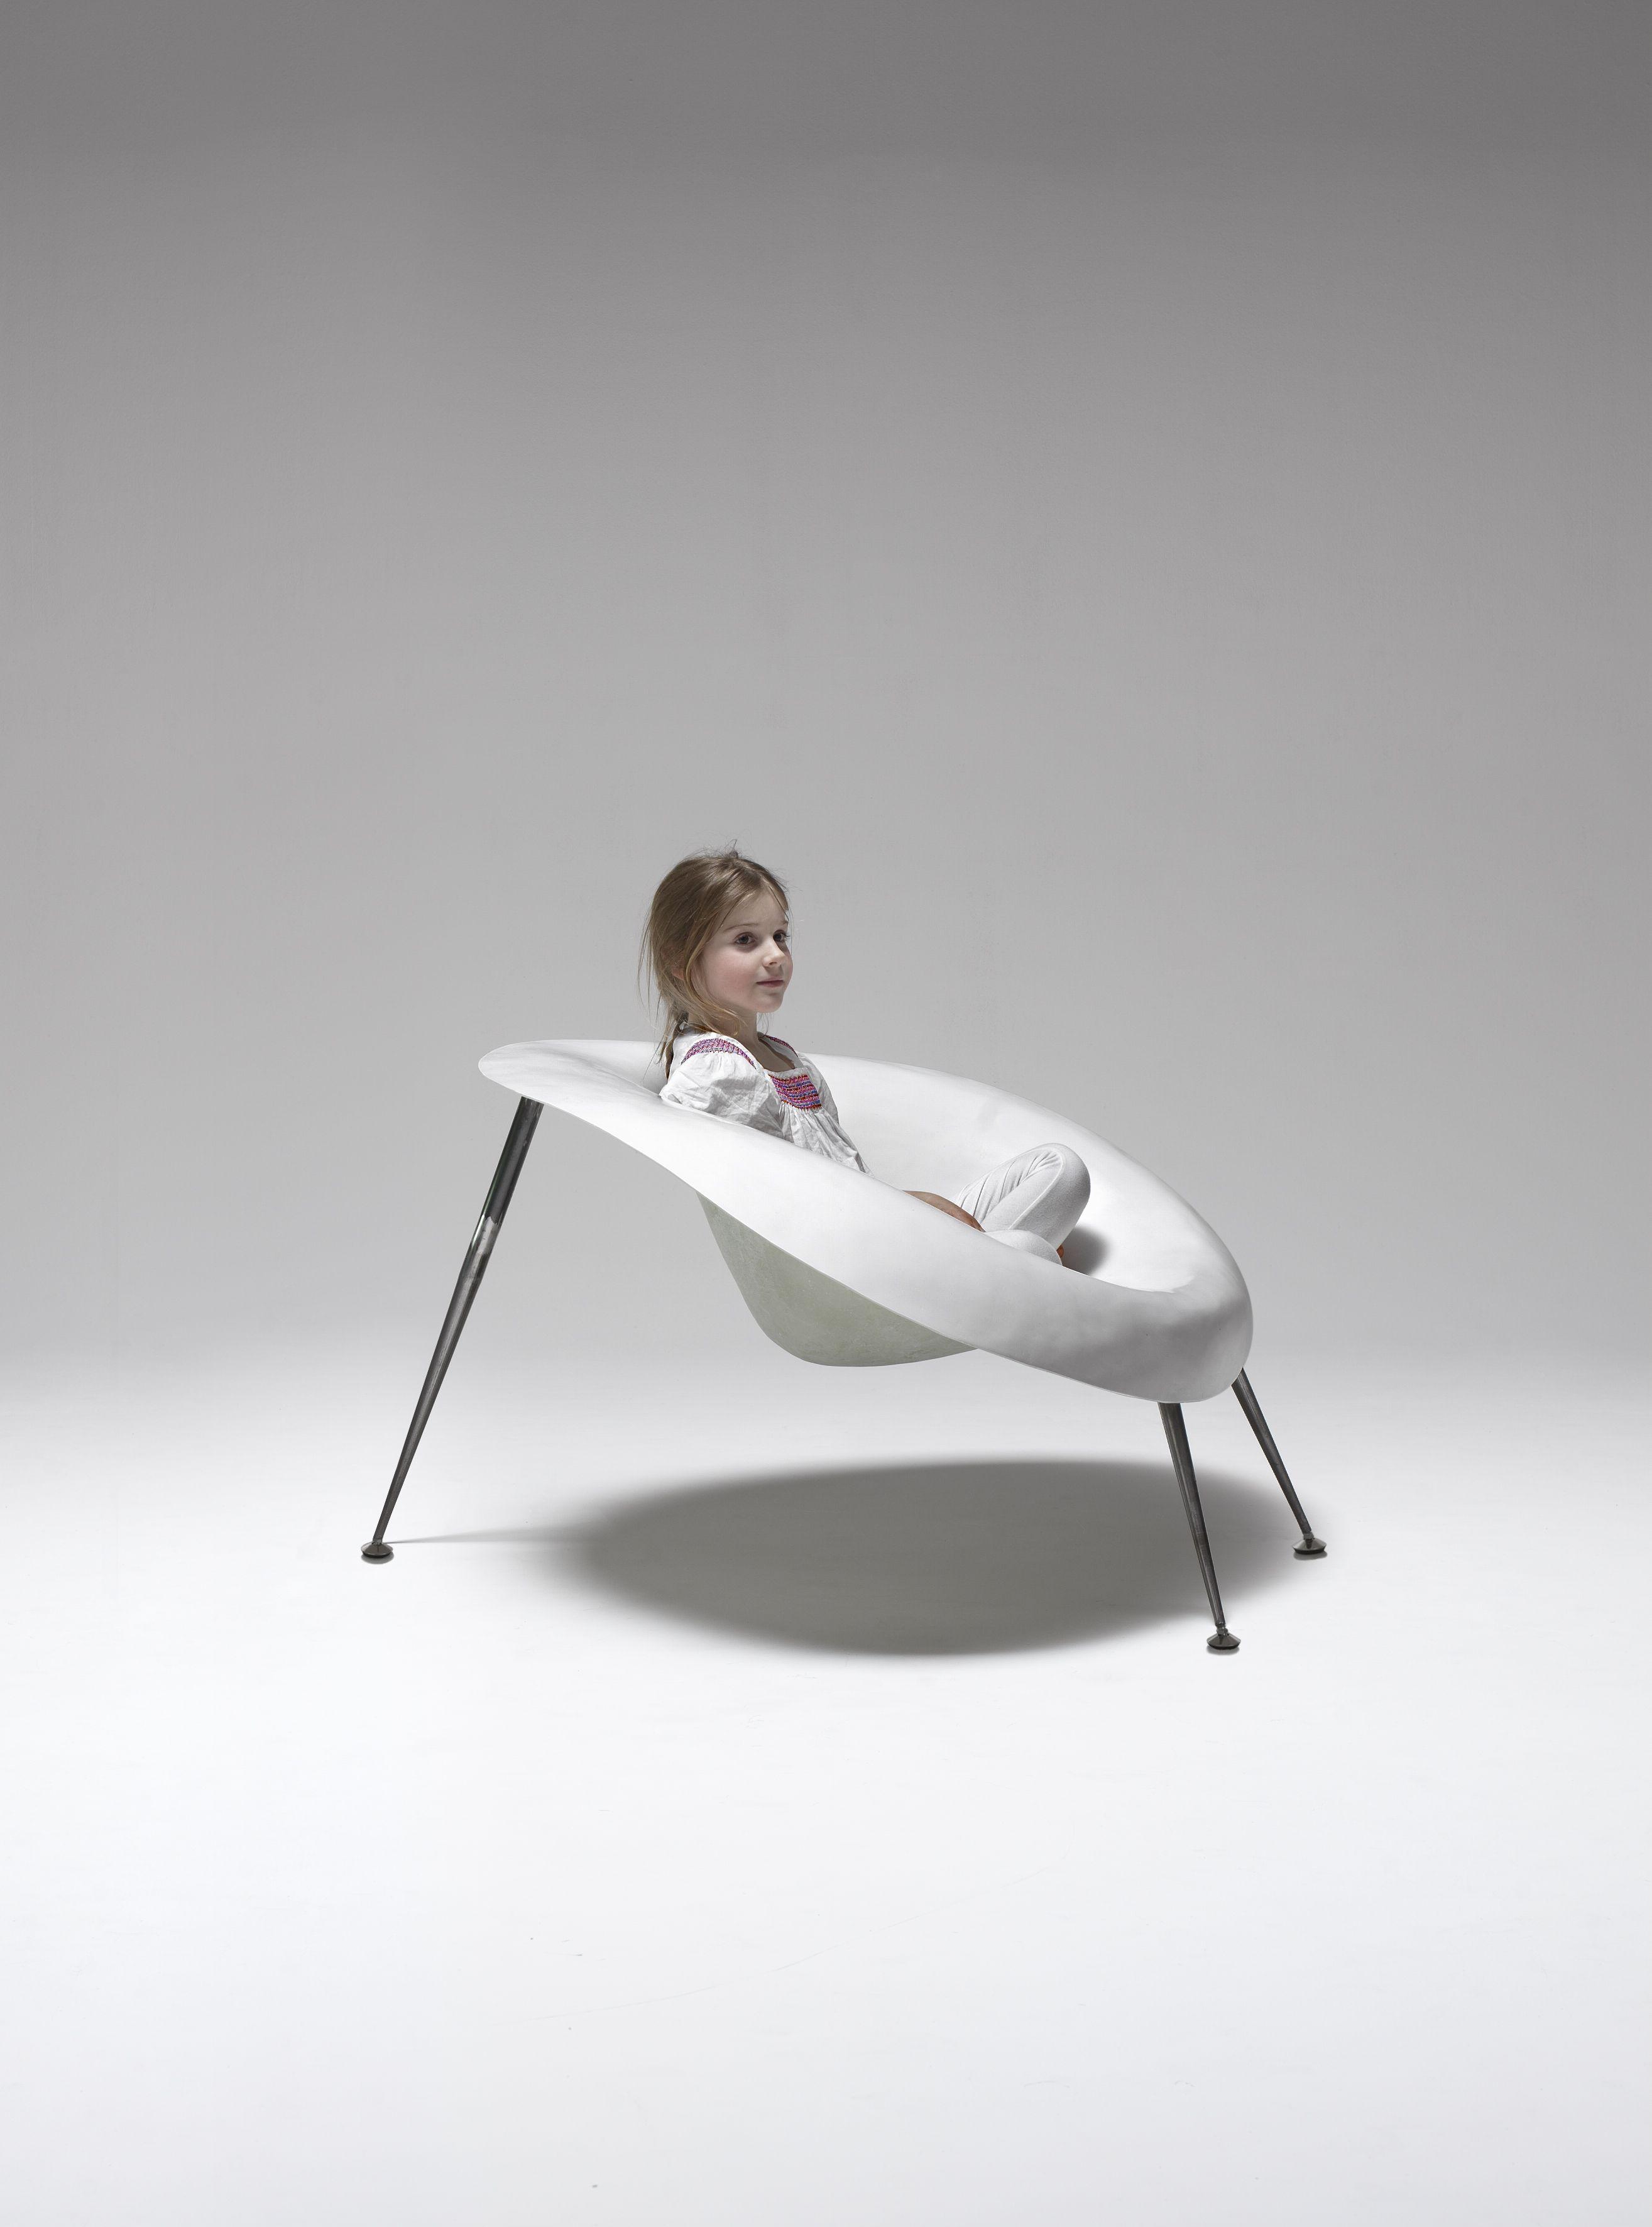 Nido Chair te koop bij Van Haneghem. Informeer via www.vanhaneghem.nl naar maten, prijzen en leveringsvoorwaarden.